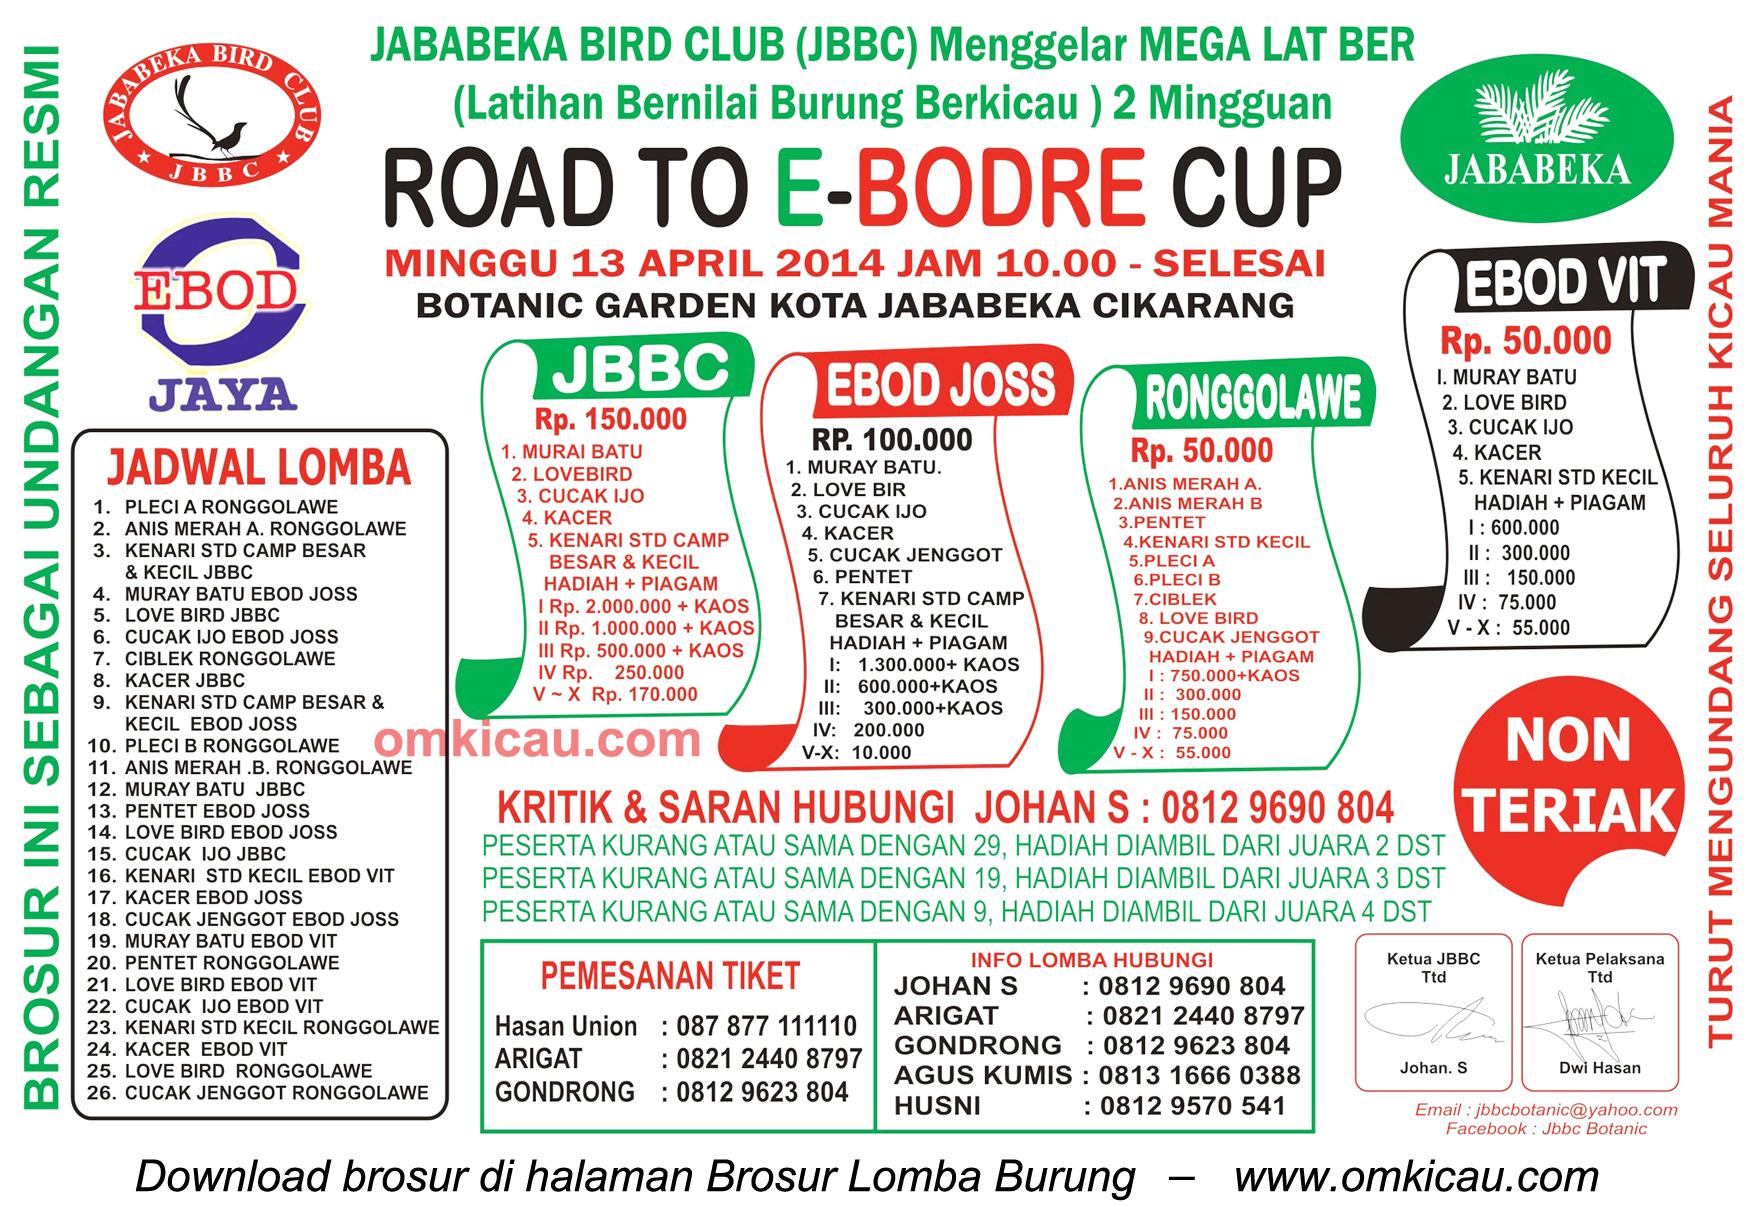 Brosur Lomba Burung Road to E-Bodre Cup - Jababeka BC, Cikarang-Bekasi, 13 April 2014